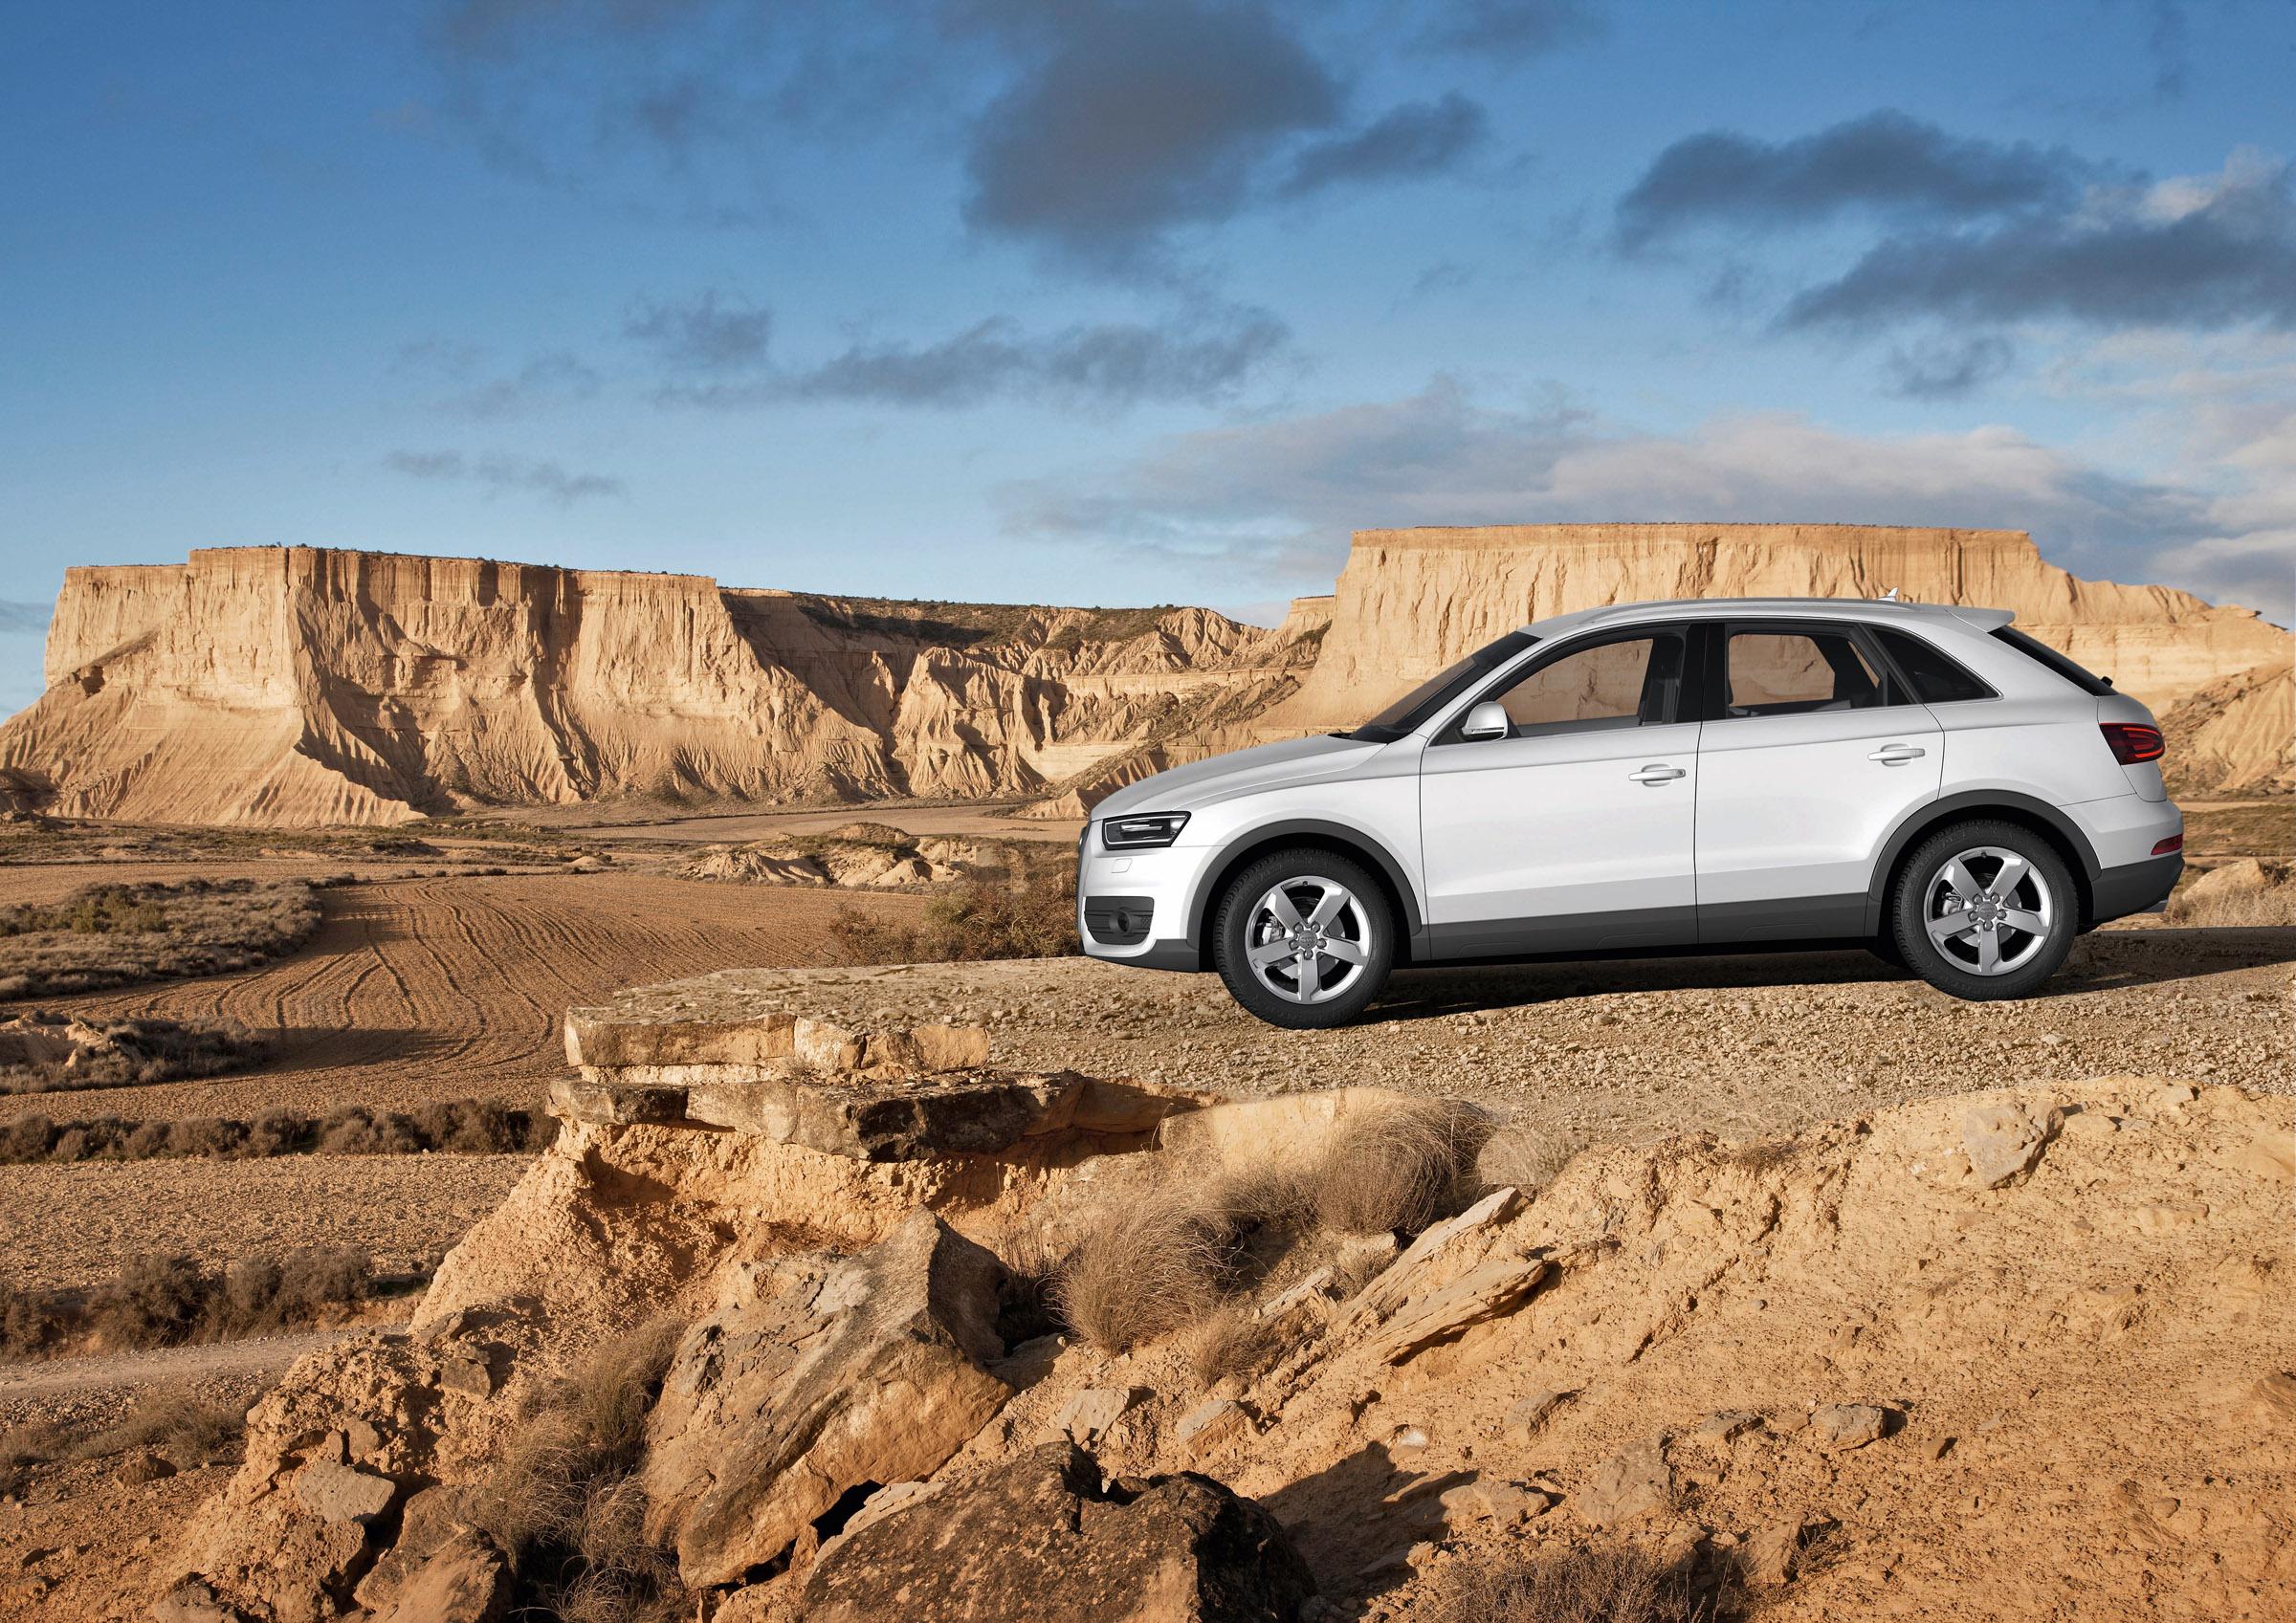 2012 Audi Q3 compact SUV price - £24 560 OTR